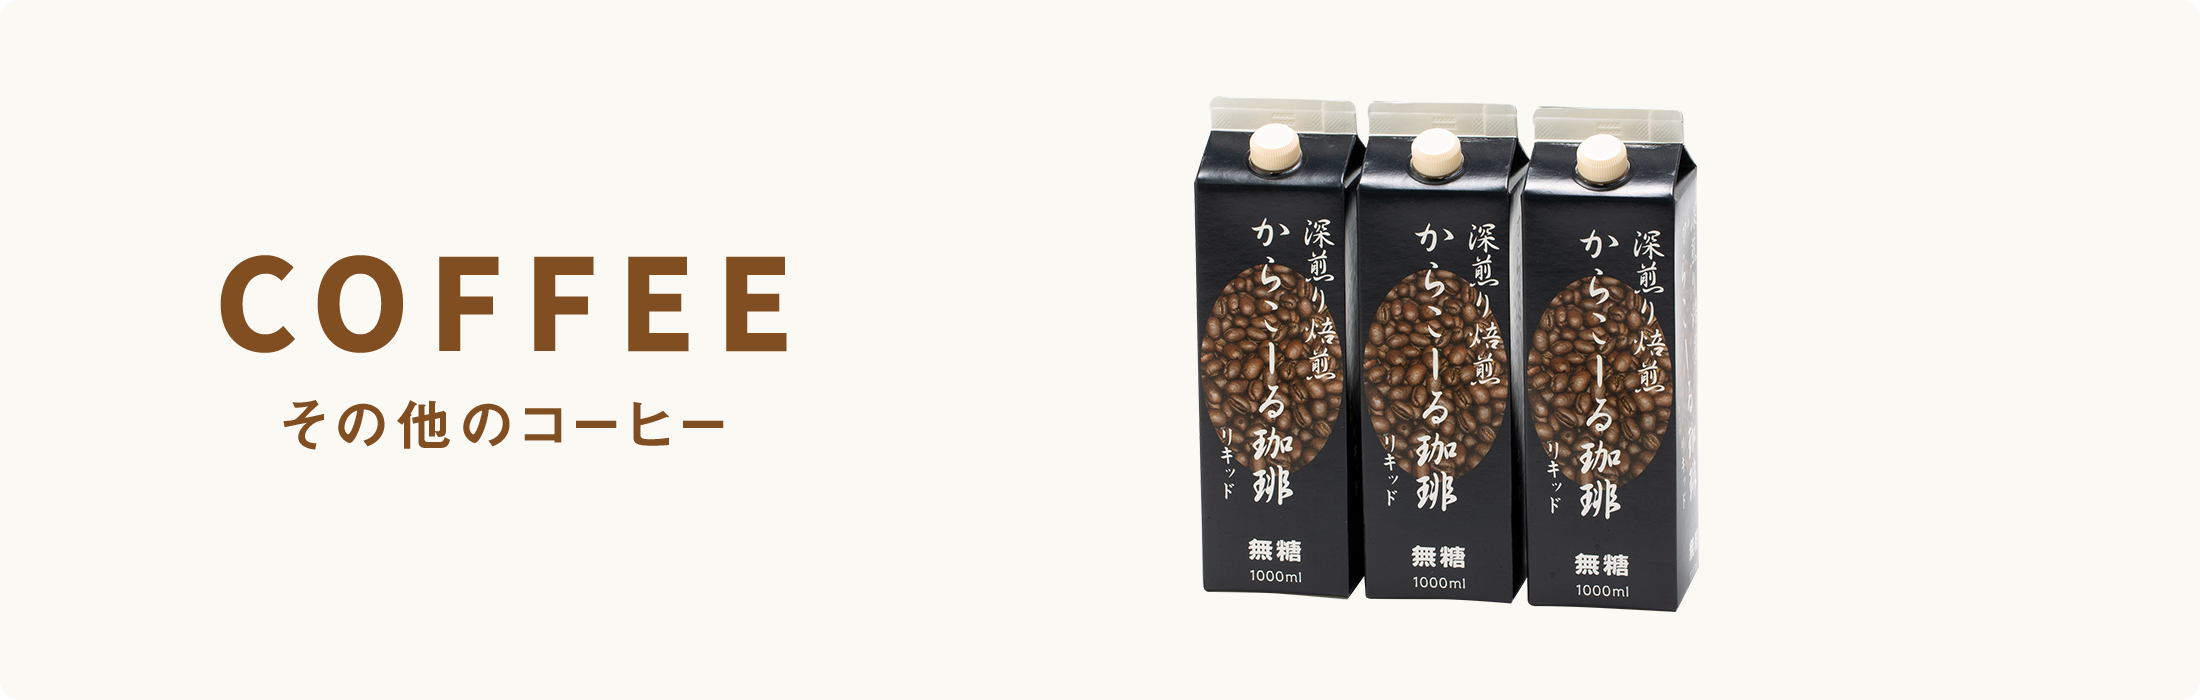 その他のコーヒー